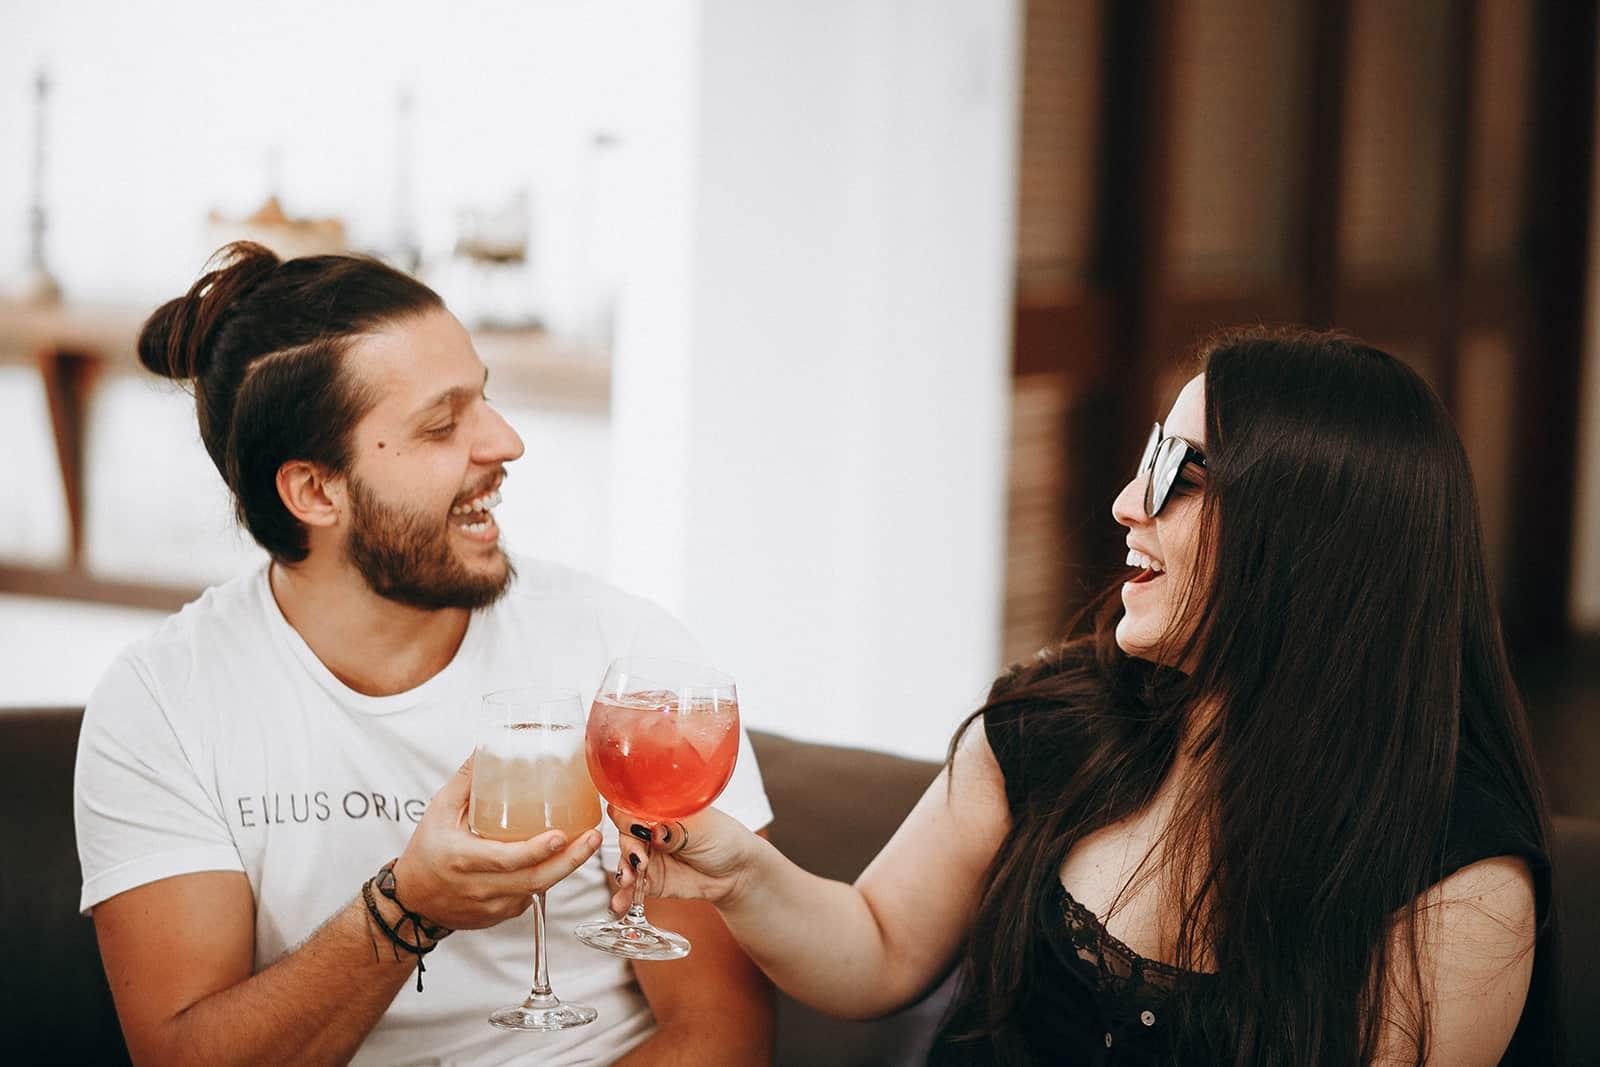 ein fröhlicher Mann und eine fröhliche Frau, die mit Getränken anstoßen und zusammen lachen